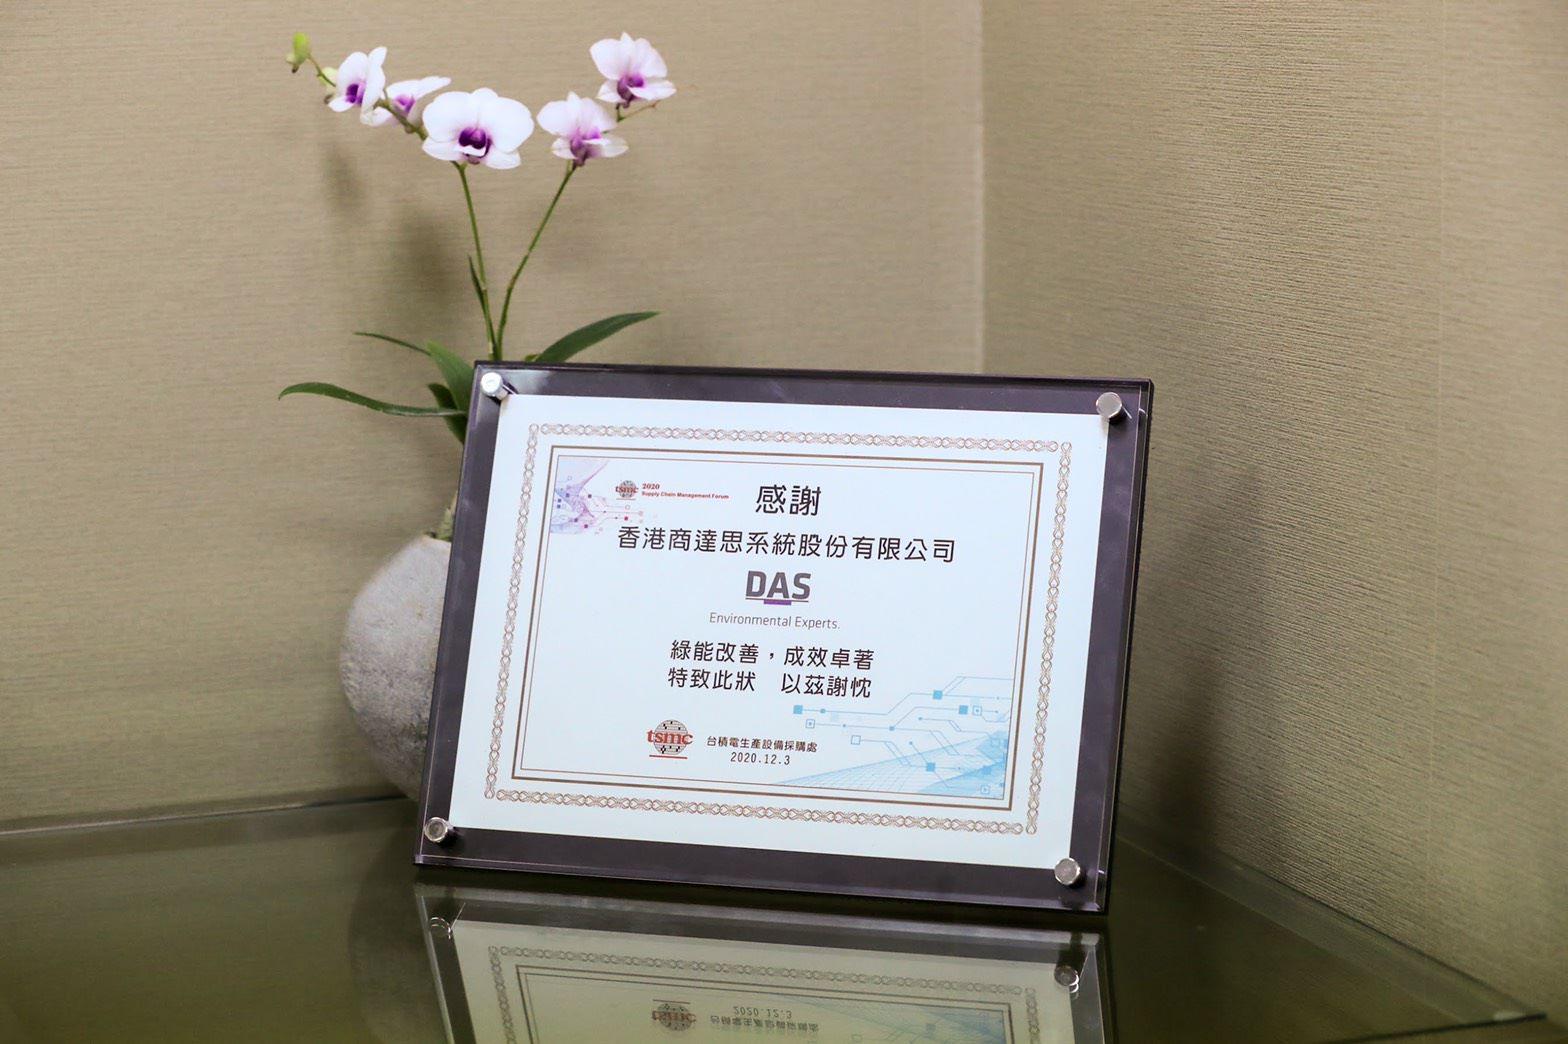 TSMC Award 2020